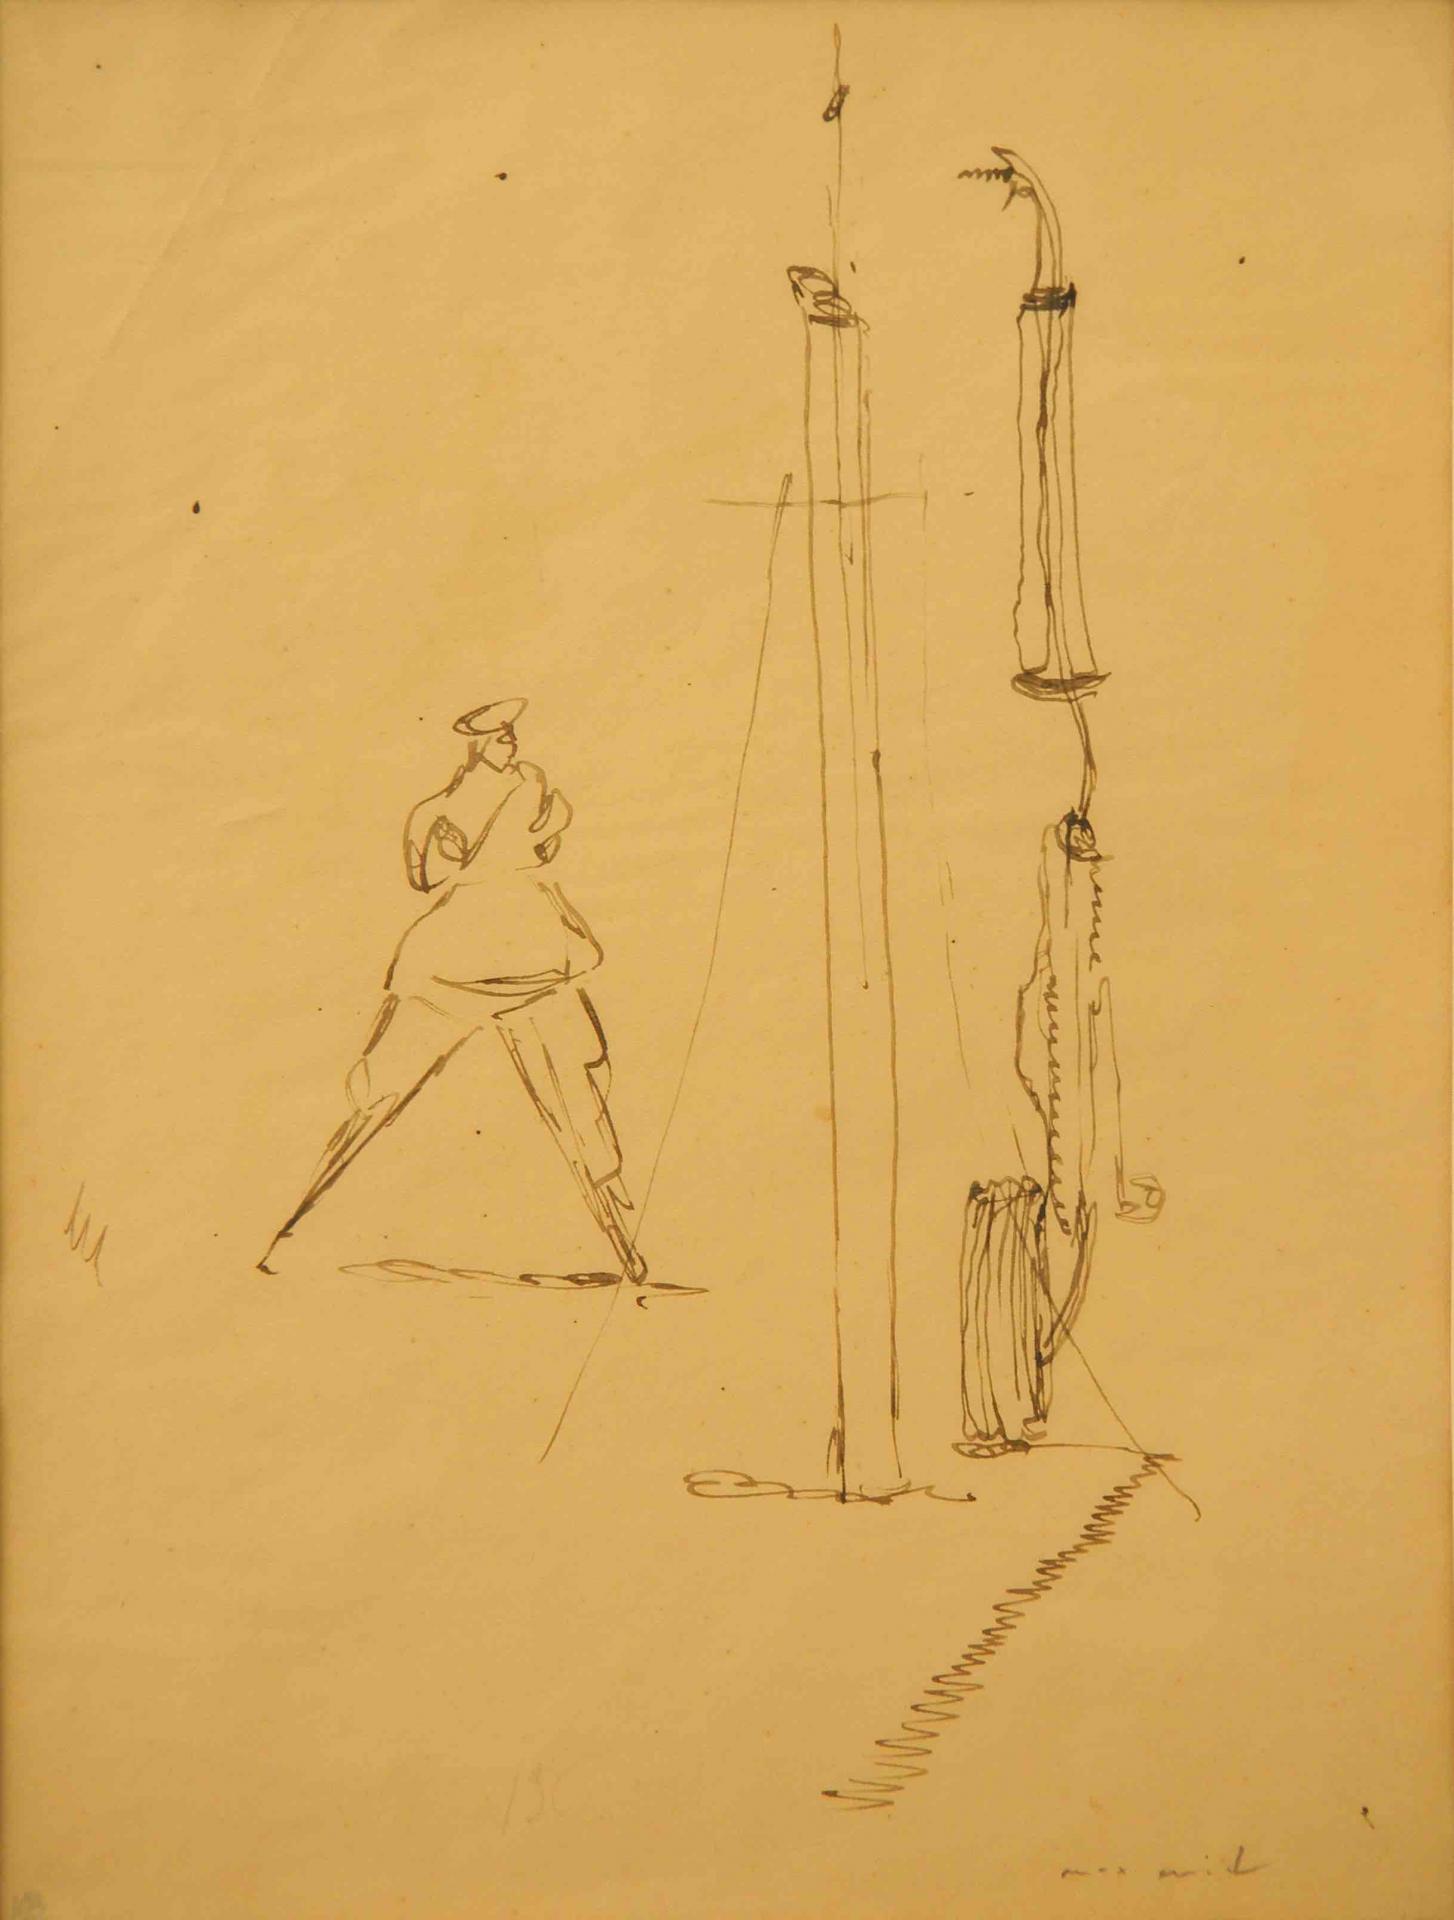 Ernst, le géant et le mat, 1923